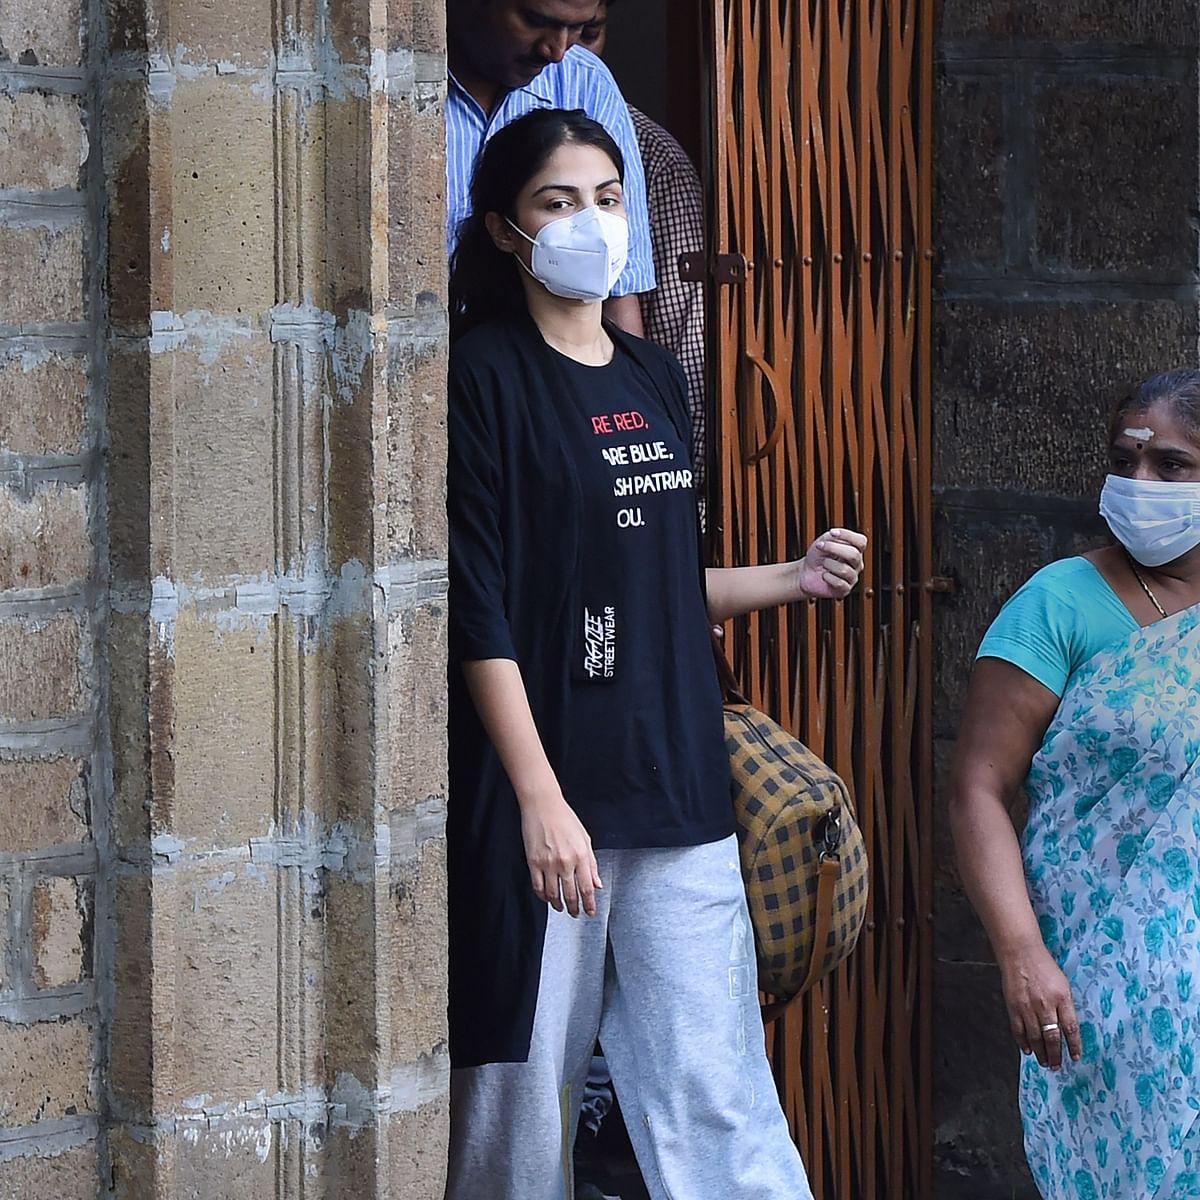 Mumbai: No bail for Rhea Chakraborty, brother